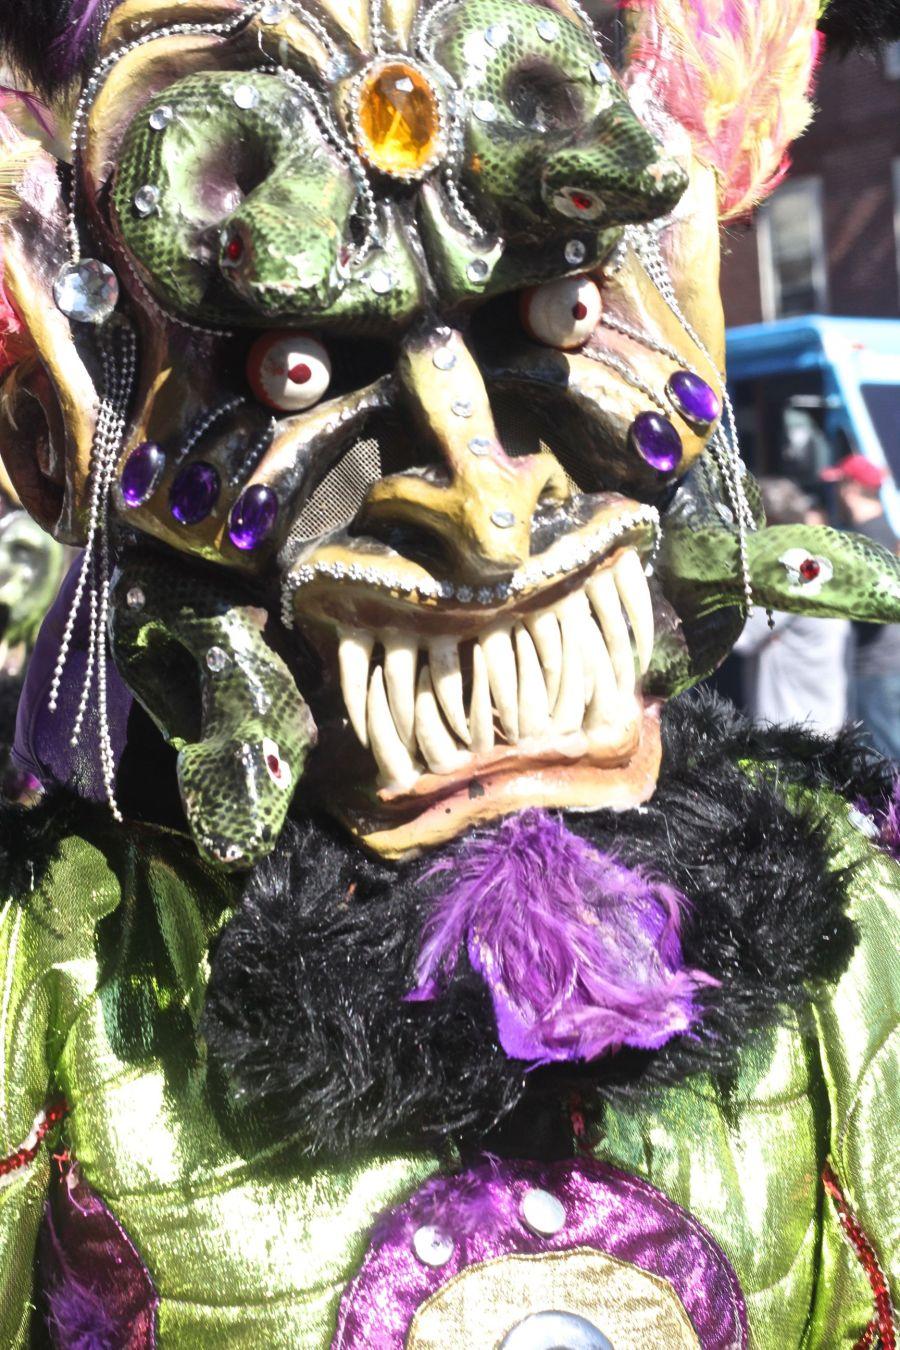 cambridge honkfest october 11 2015 23